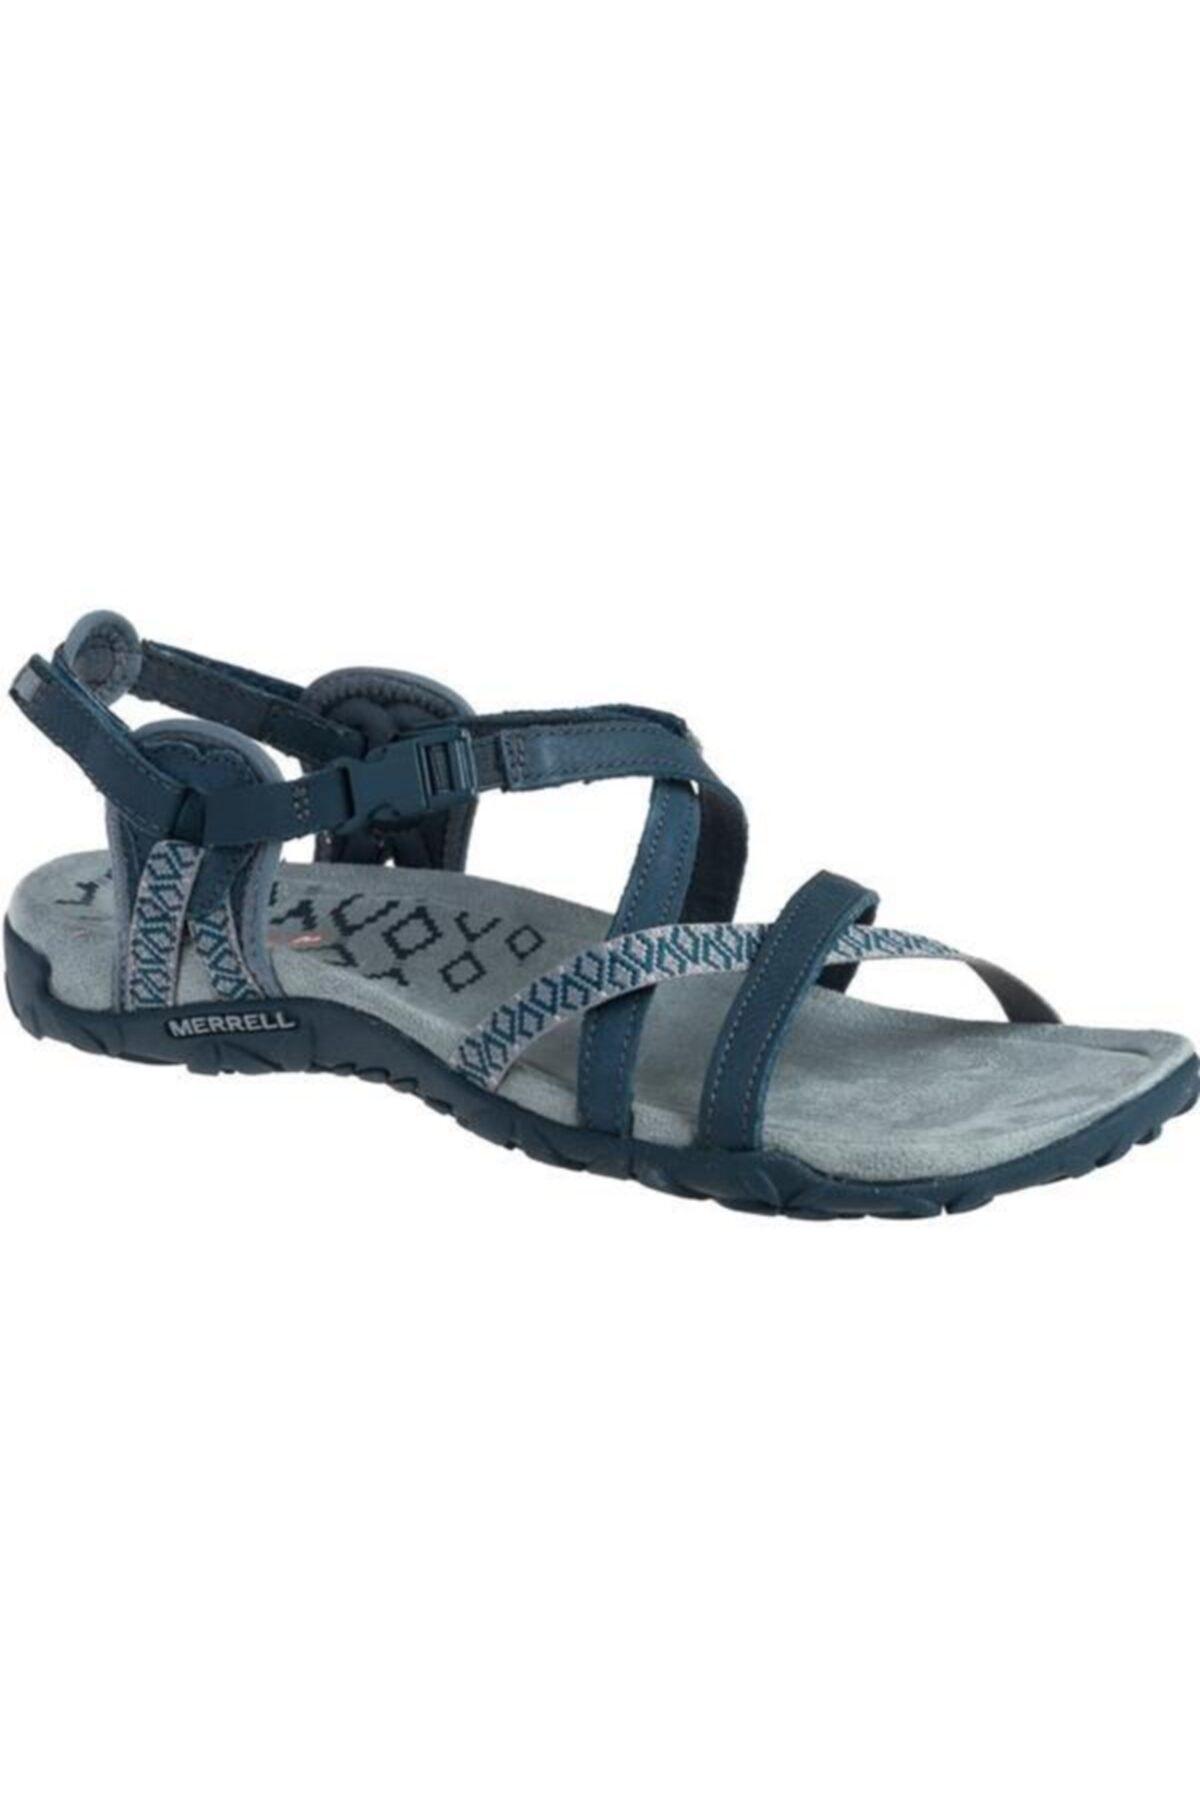 Merrell Kadın Gri Sandalet J98758 1